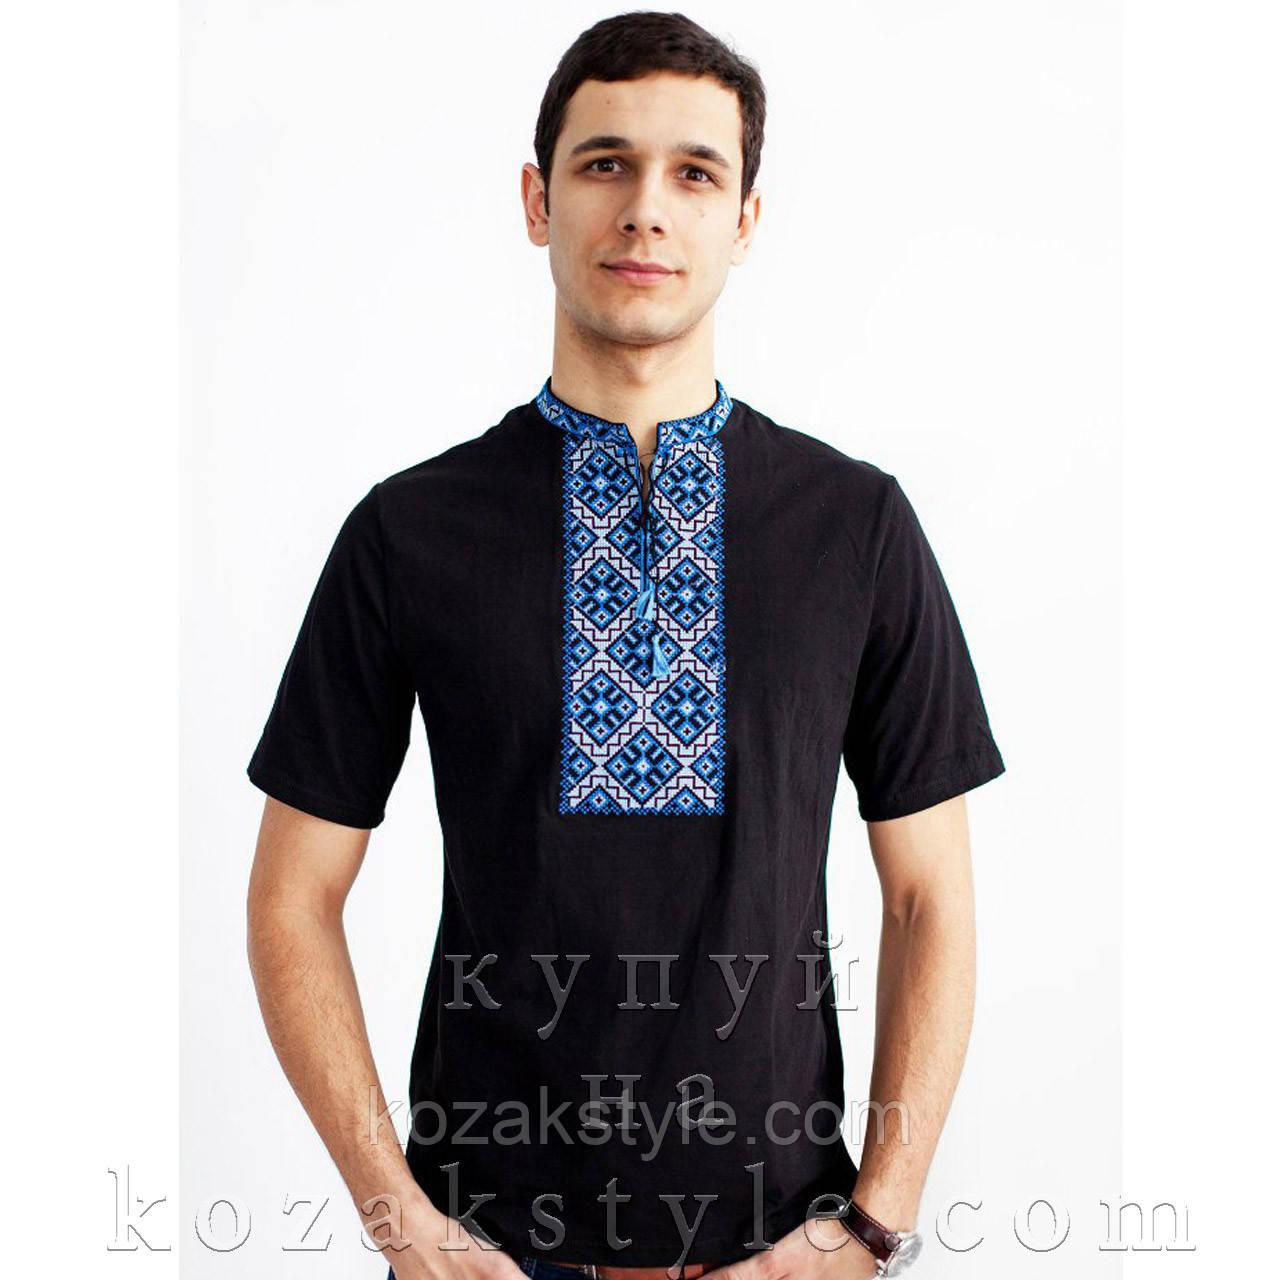 """Трикотажна вишиванка """"Козацька"""" чорна з синєю вишивкою"""